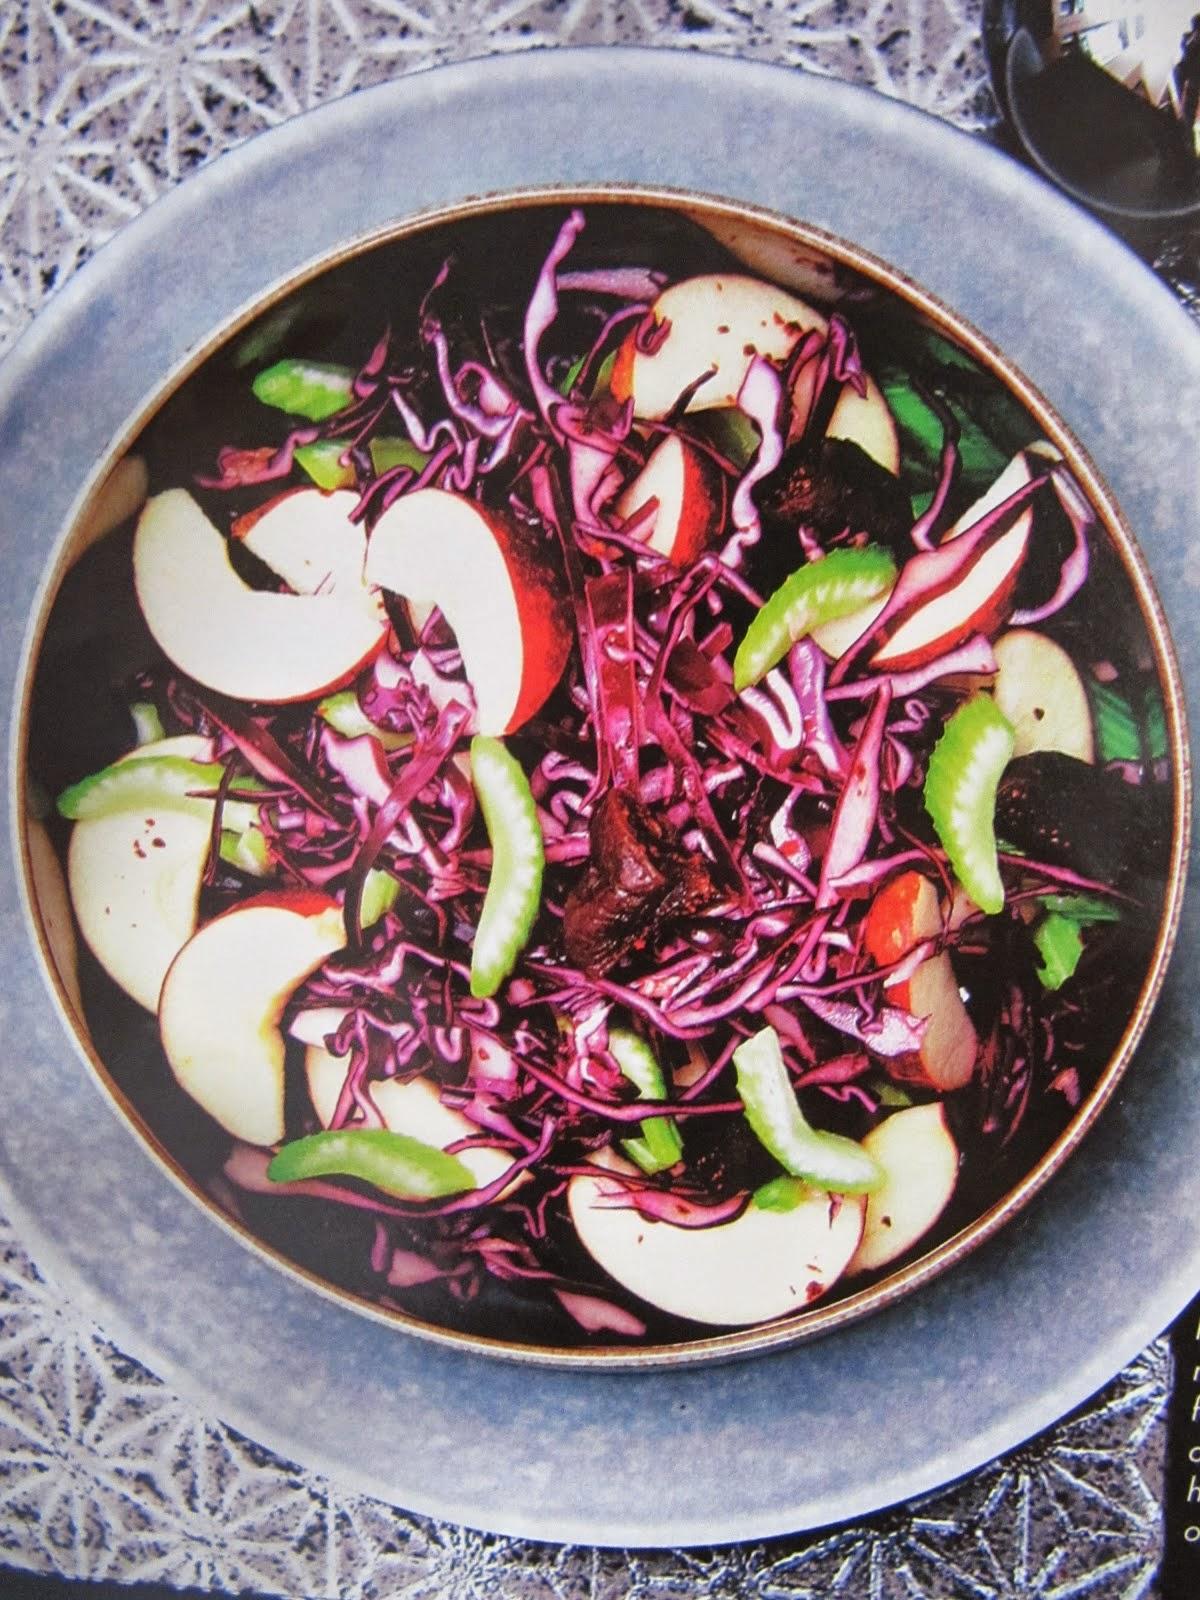 Седьмой зимний салат - Датский рождественский салат из сельдерея